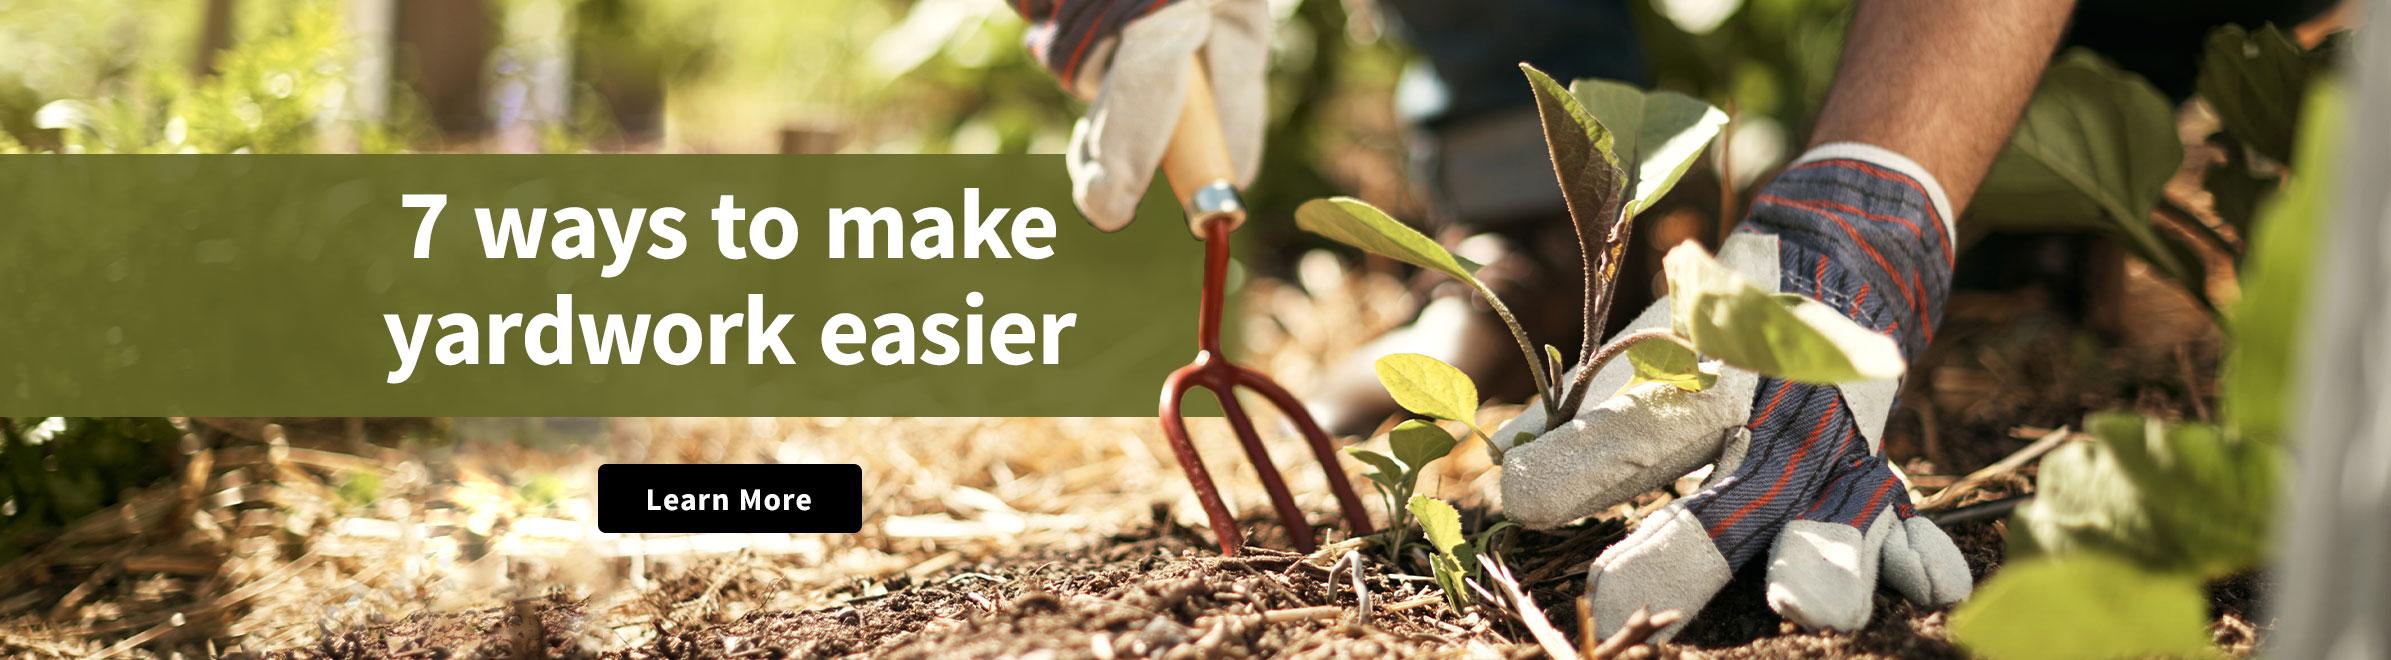 7 ways to make yardwork easier